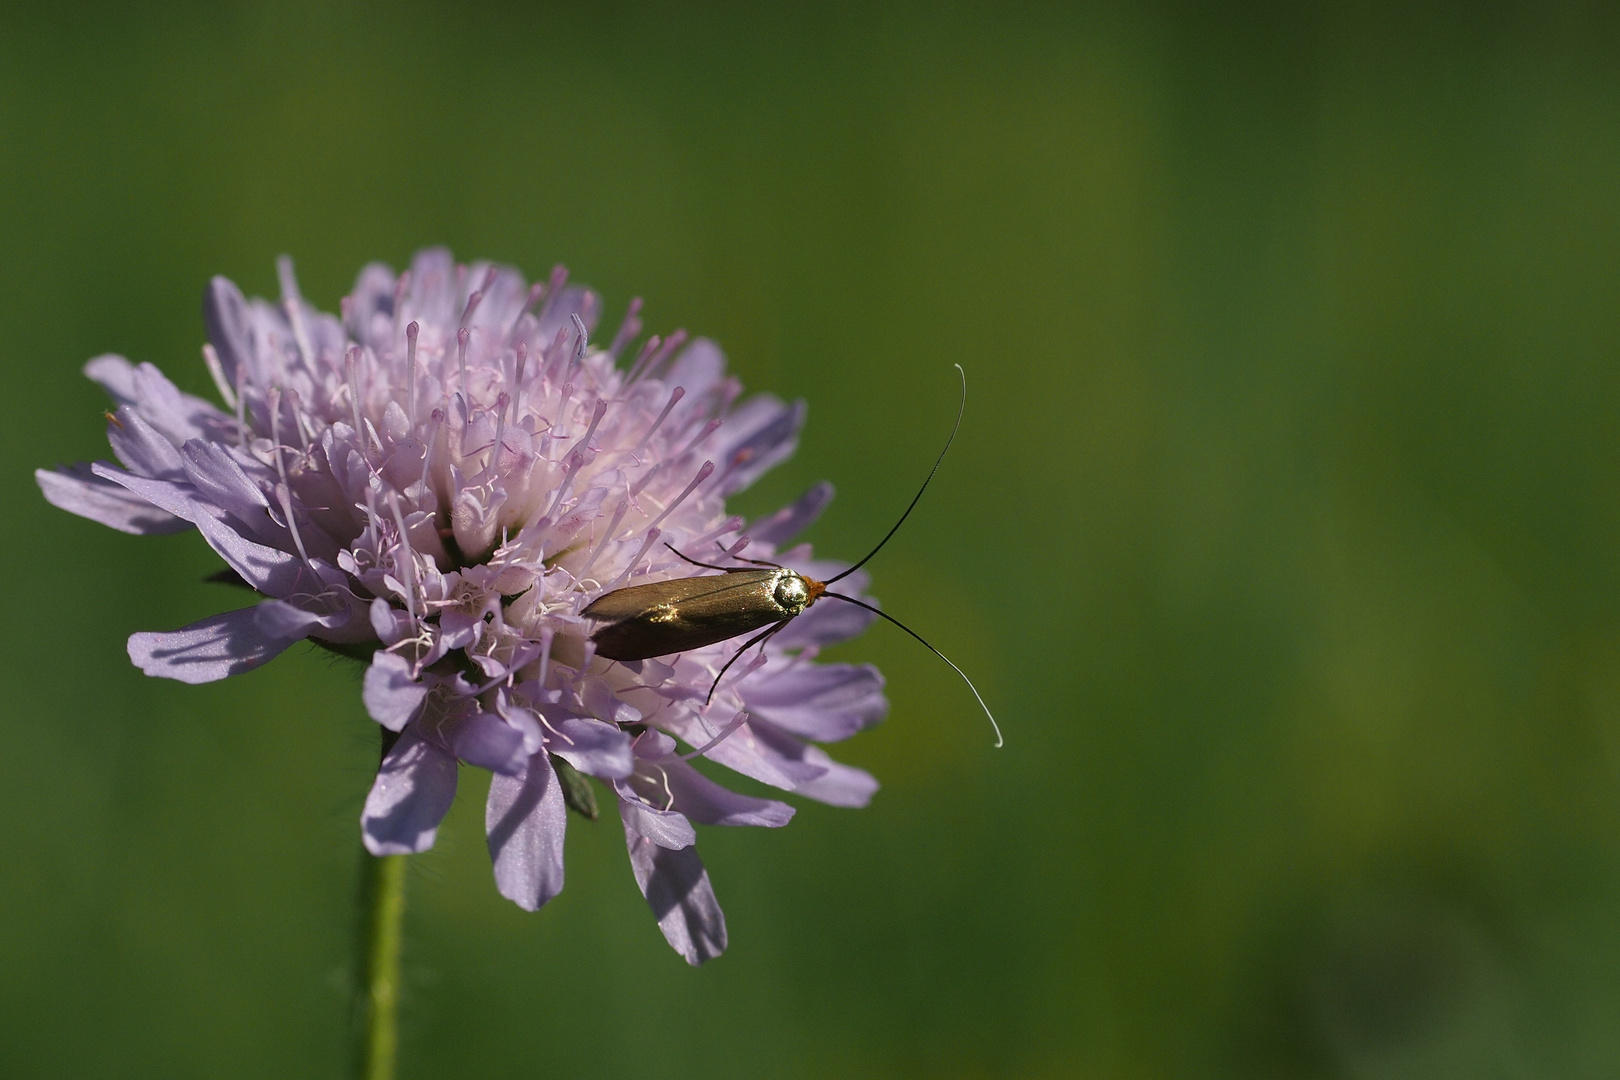 eine Motte fliegt gleich -weg-